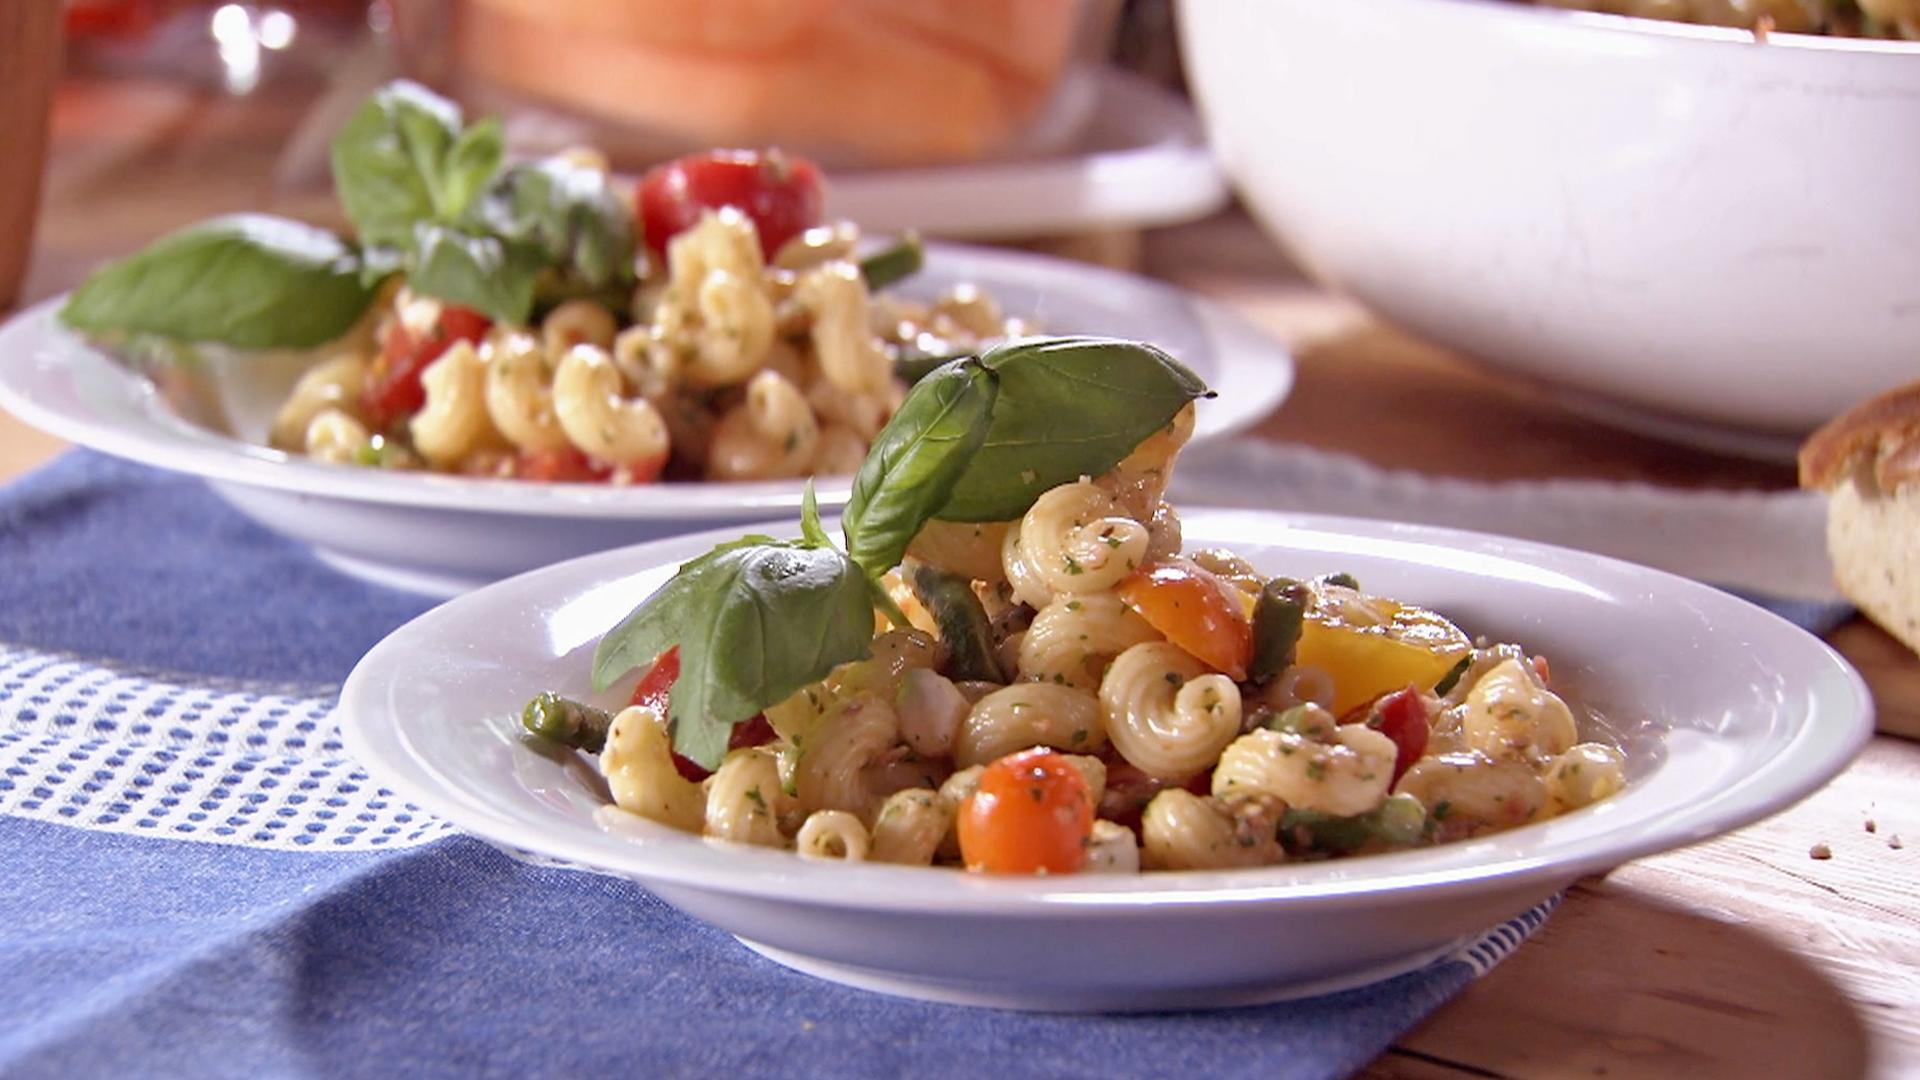 Pasta Salad with Tomato, Mozzarella and Green Beans  (Insalata di Cavatappi, Mozzarella, Pomodori e Fagiolini)